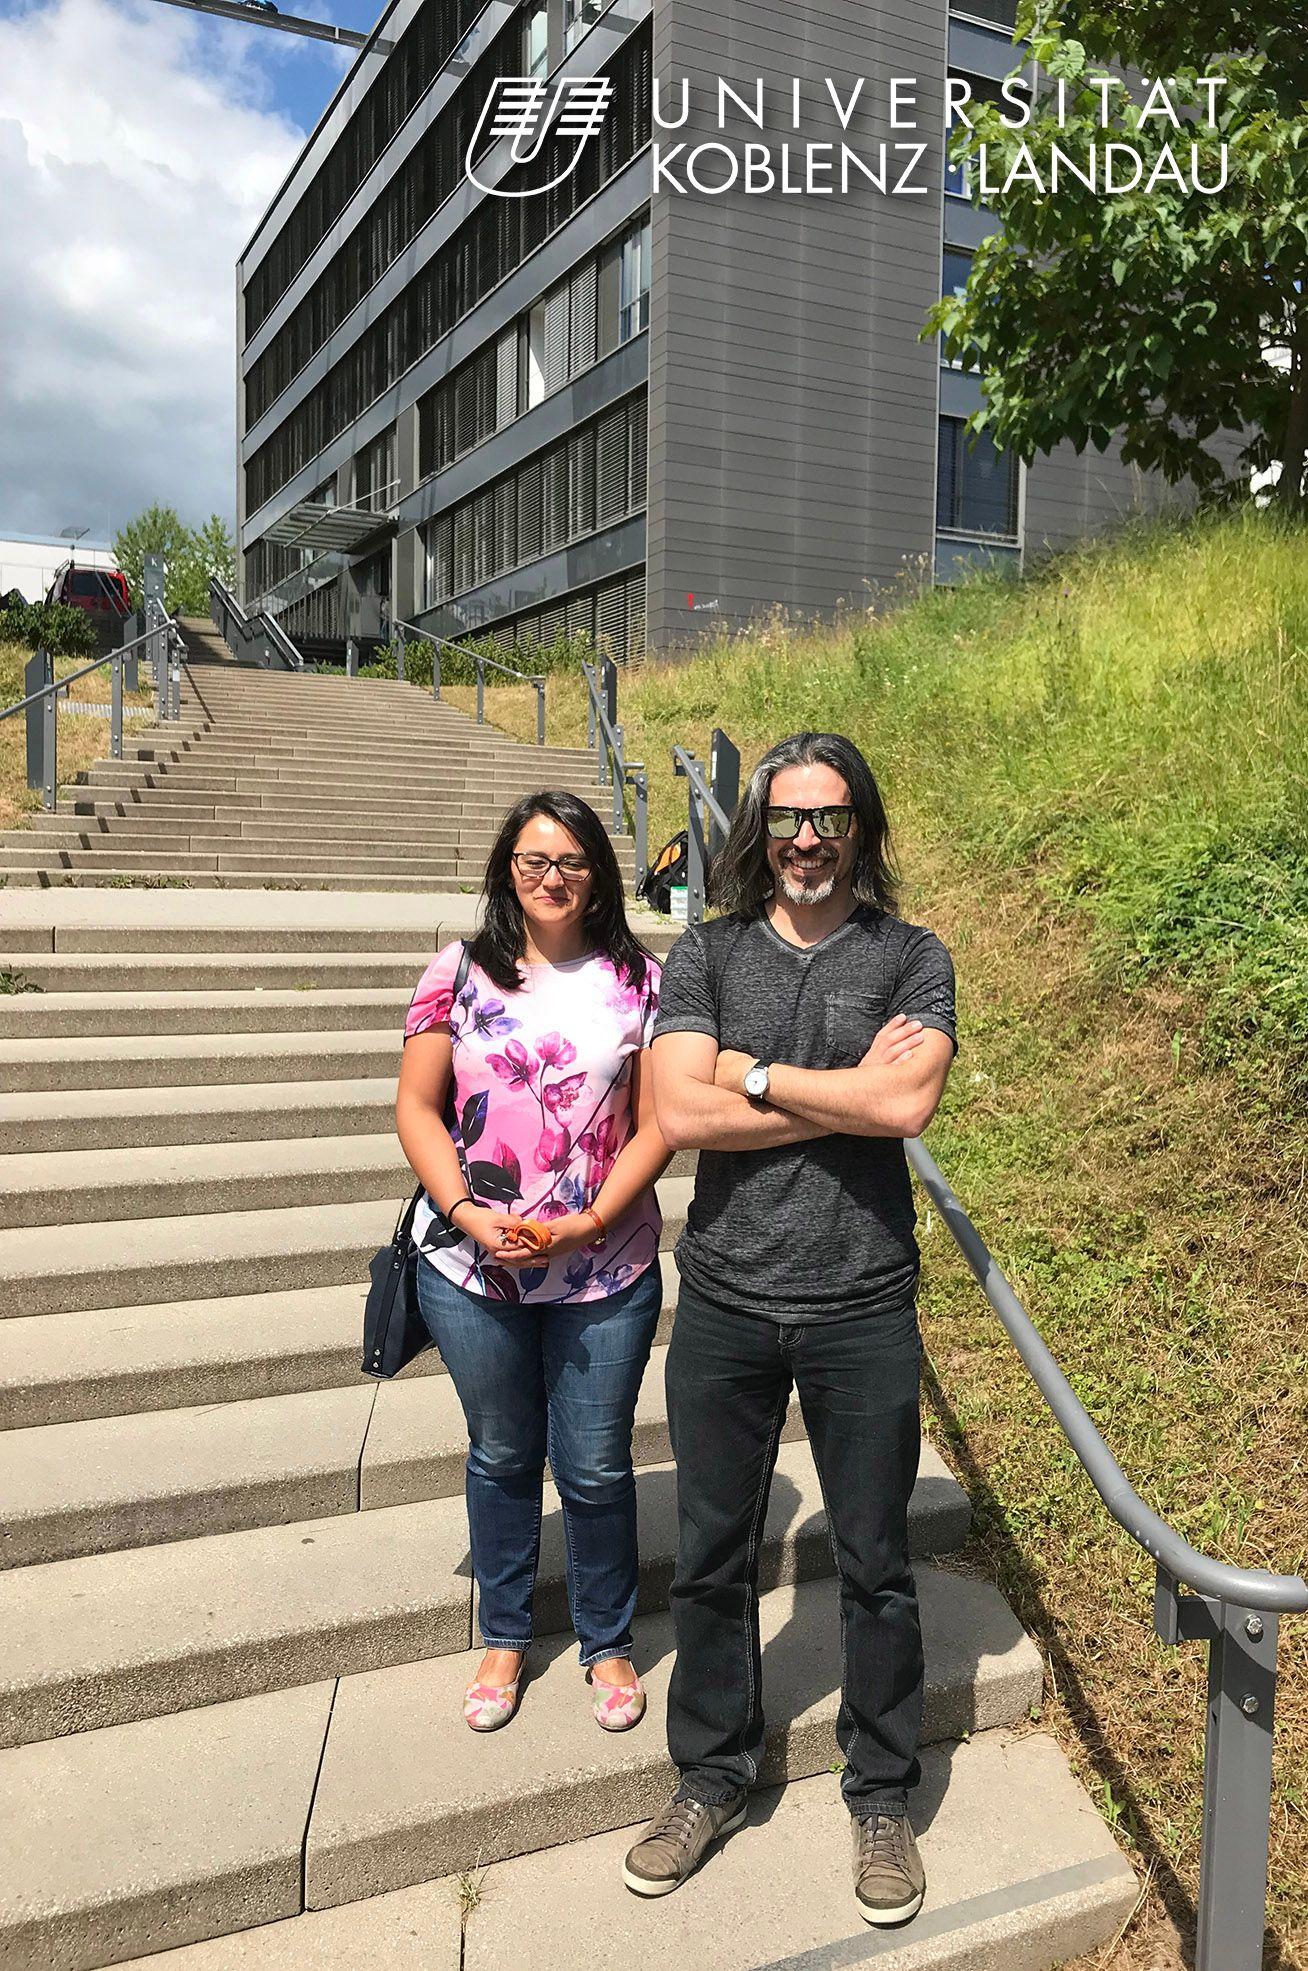 Académico de Ciencias Químicas realizó pasantía en Universidad de Koblenz-Landau de Alemania